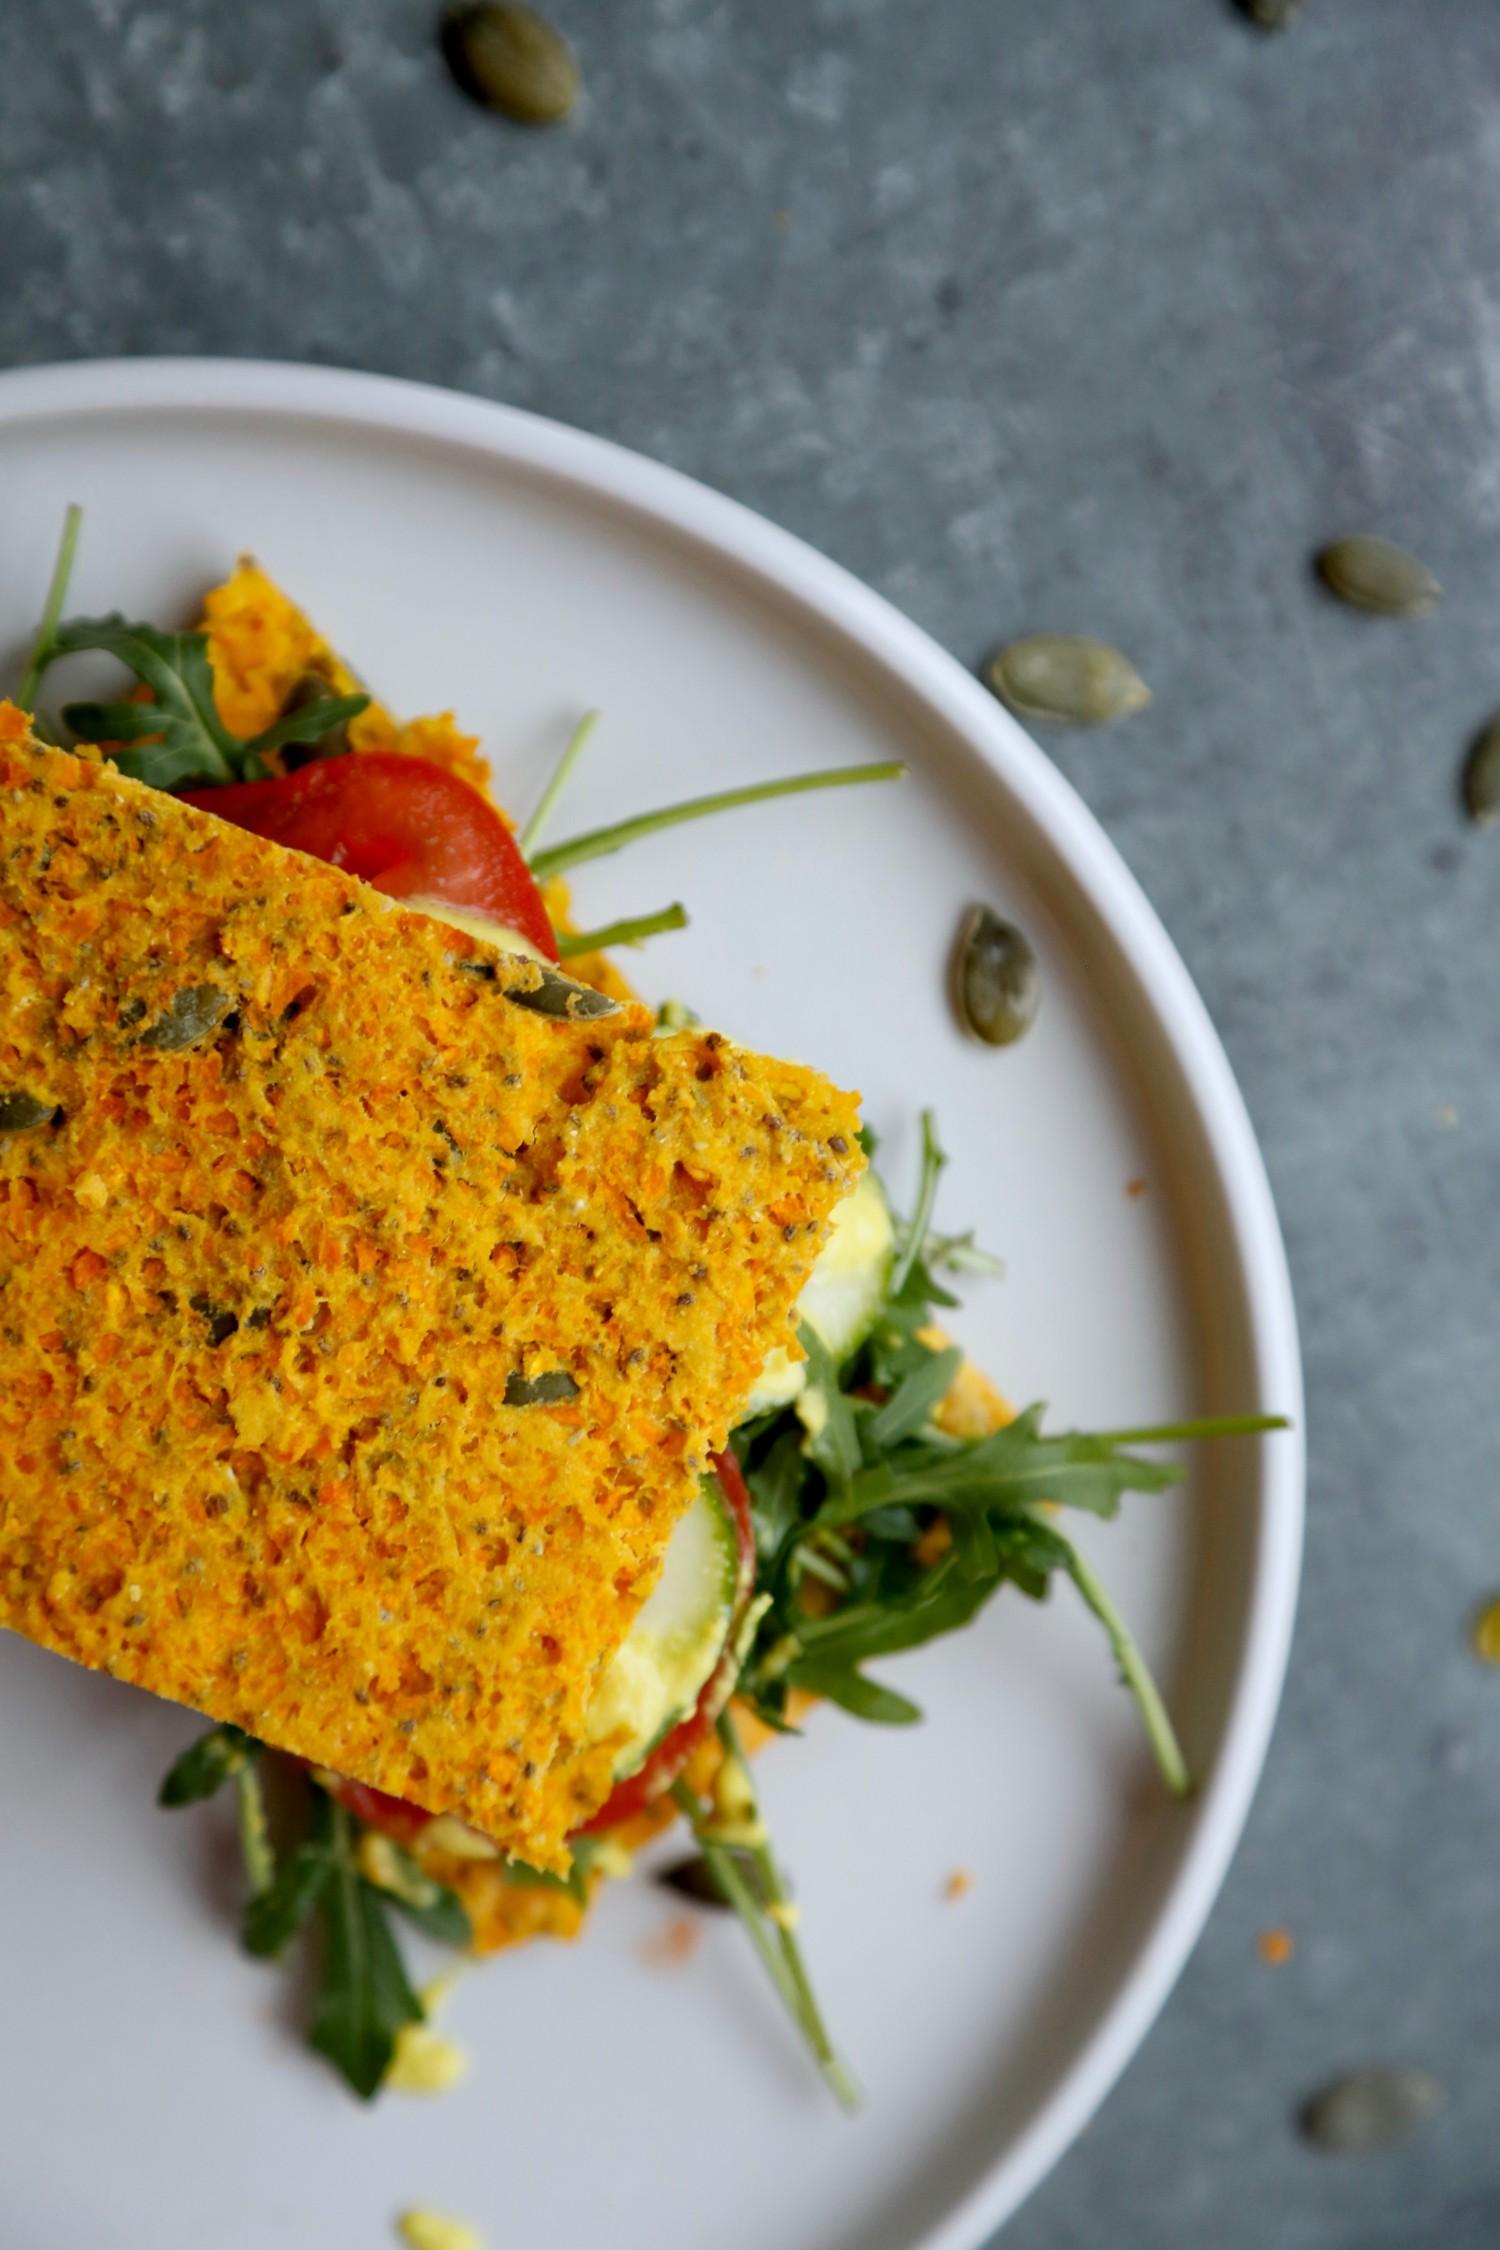 opskrift-glutenfri-fladbroed-perfekt-til-sandwich-4